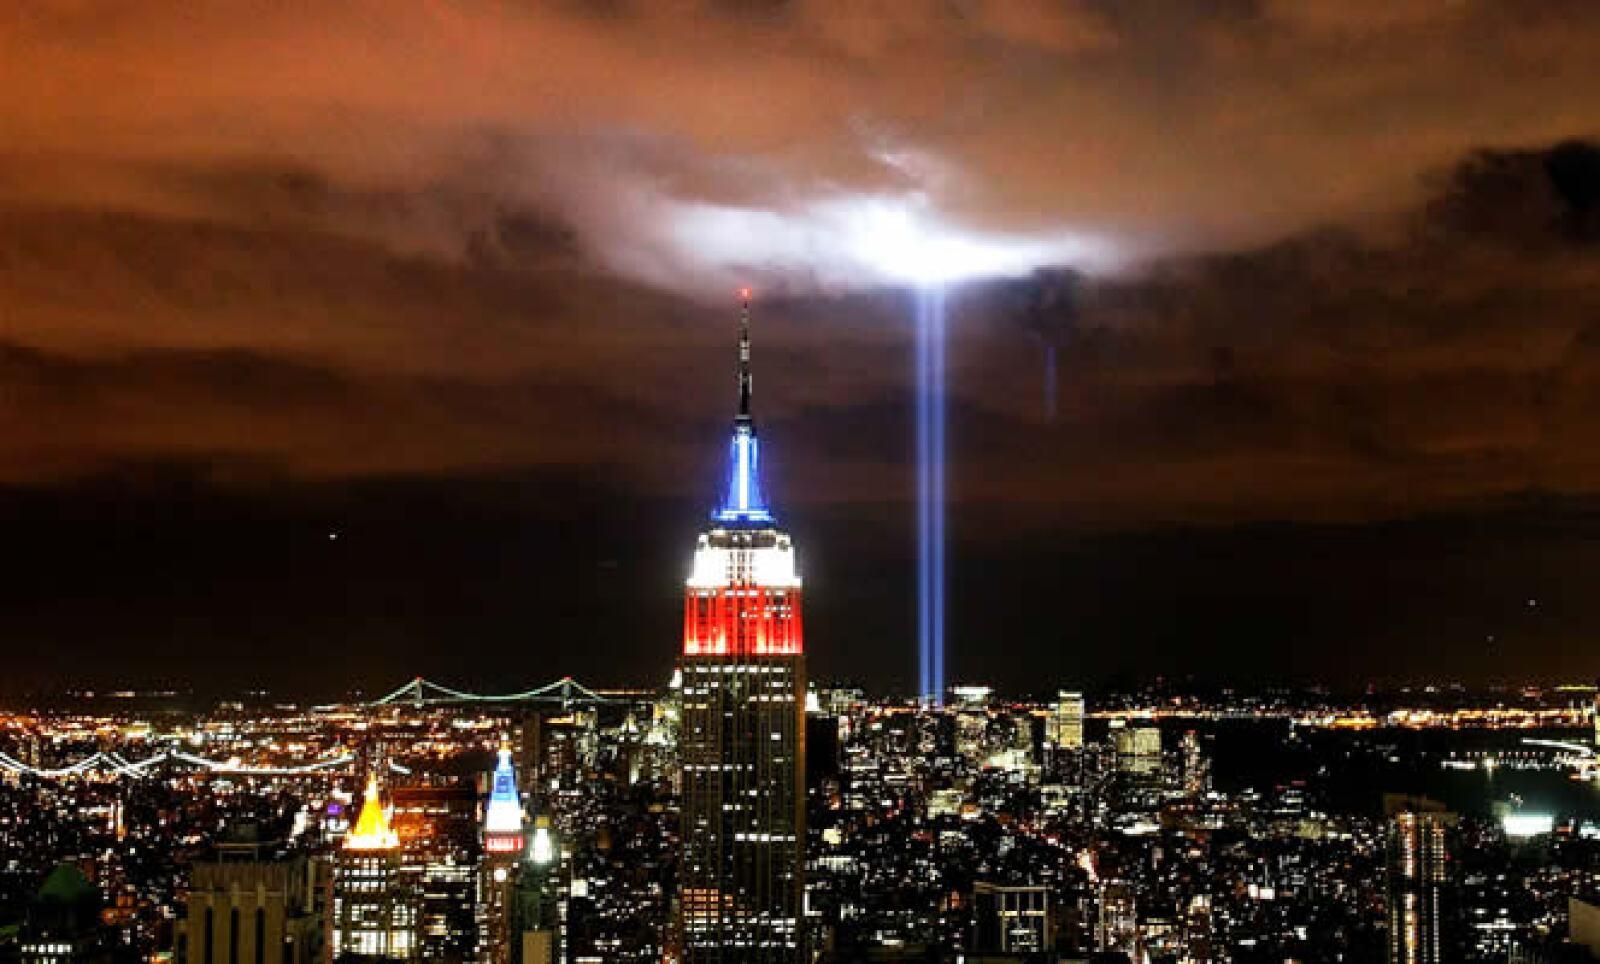 En el espacio donde estaban las Torres, se lanzan dos haces de luz al cielo para recordar su silueta.